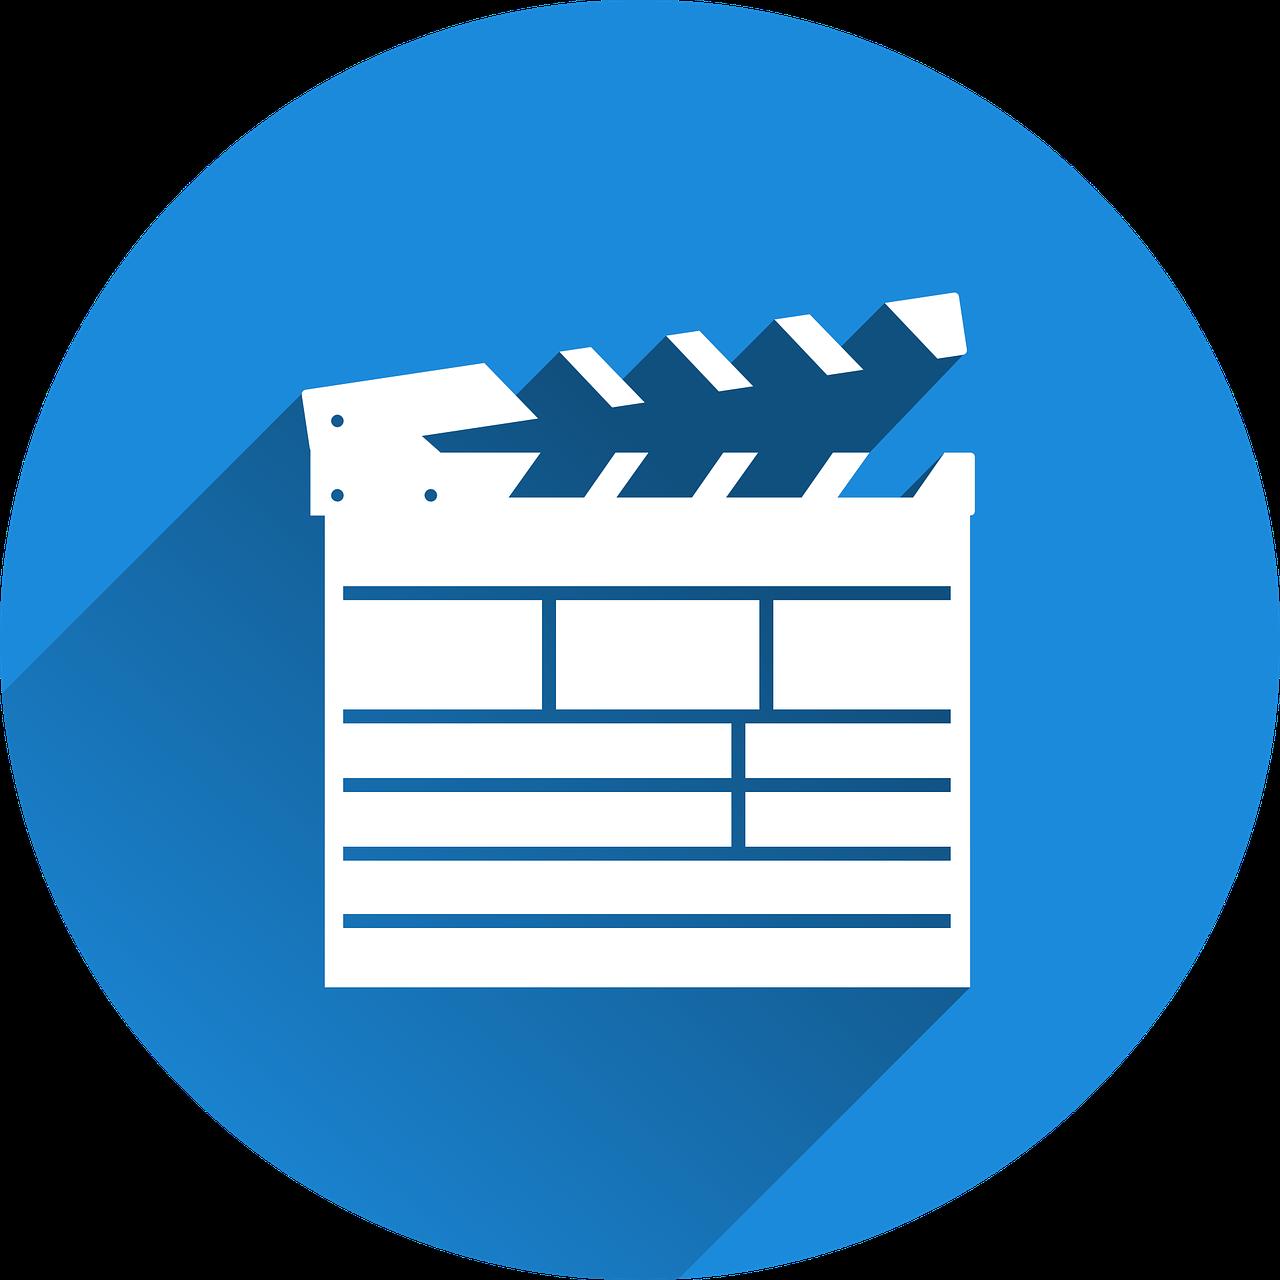 filmklappe-1085692_1280